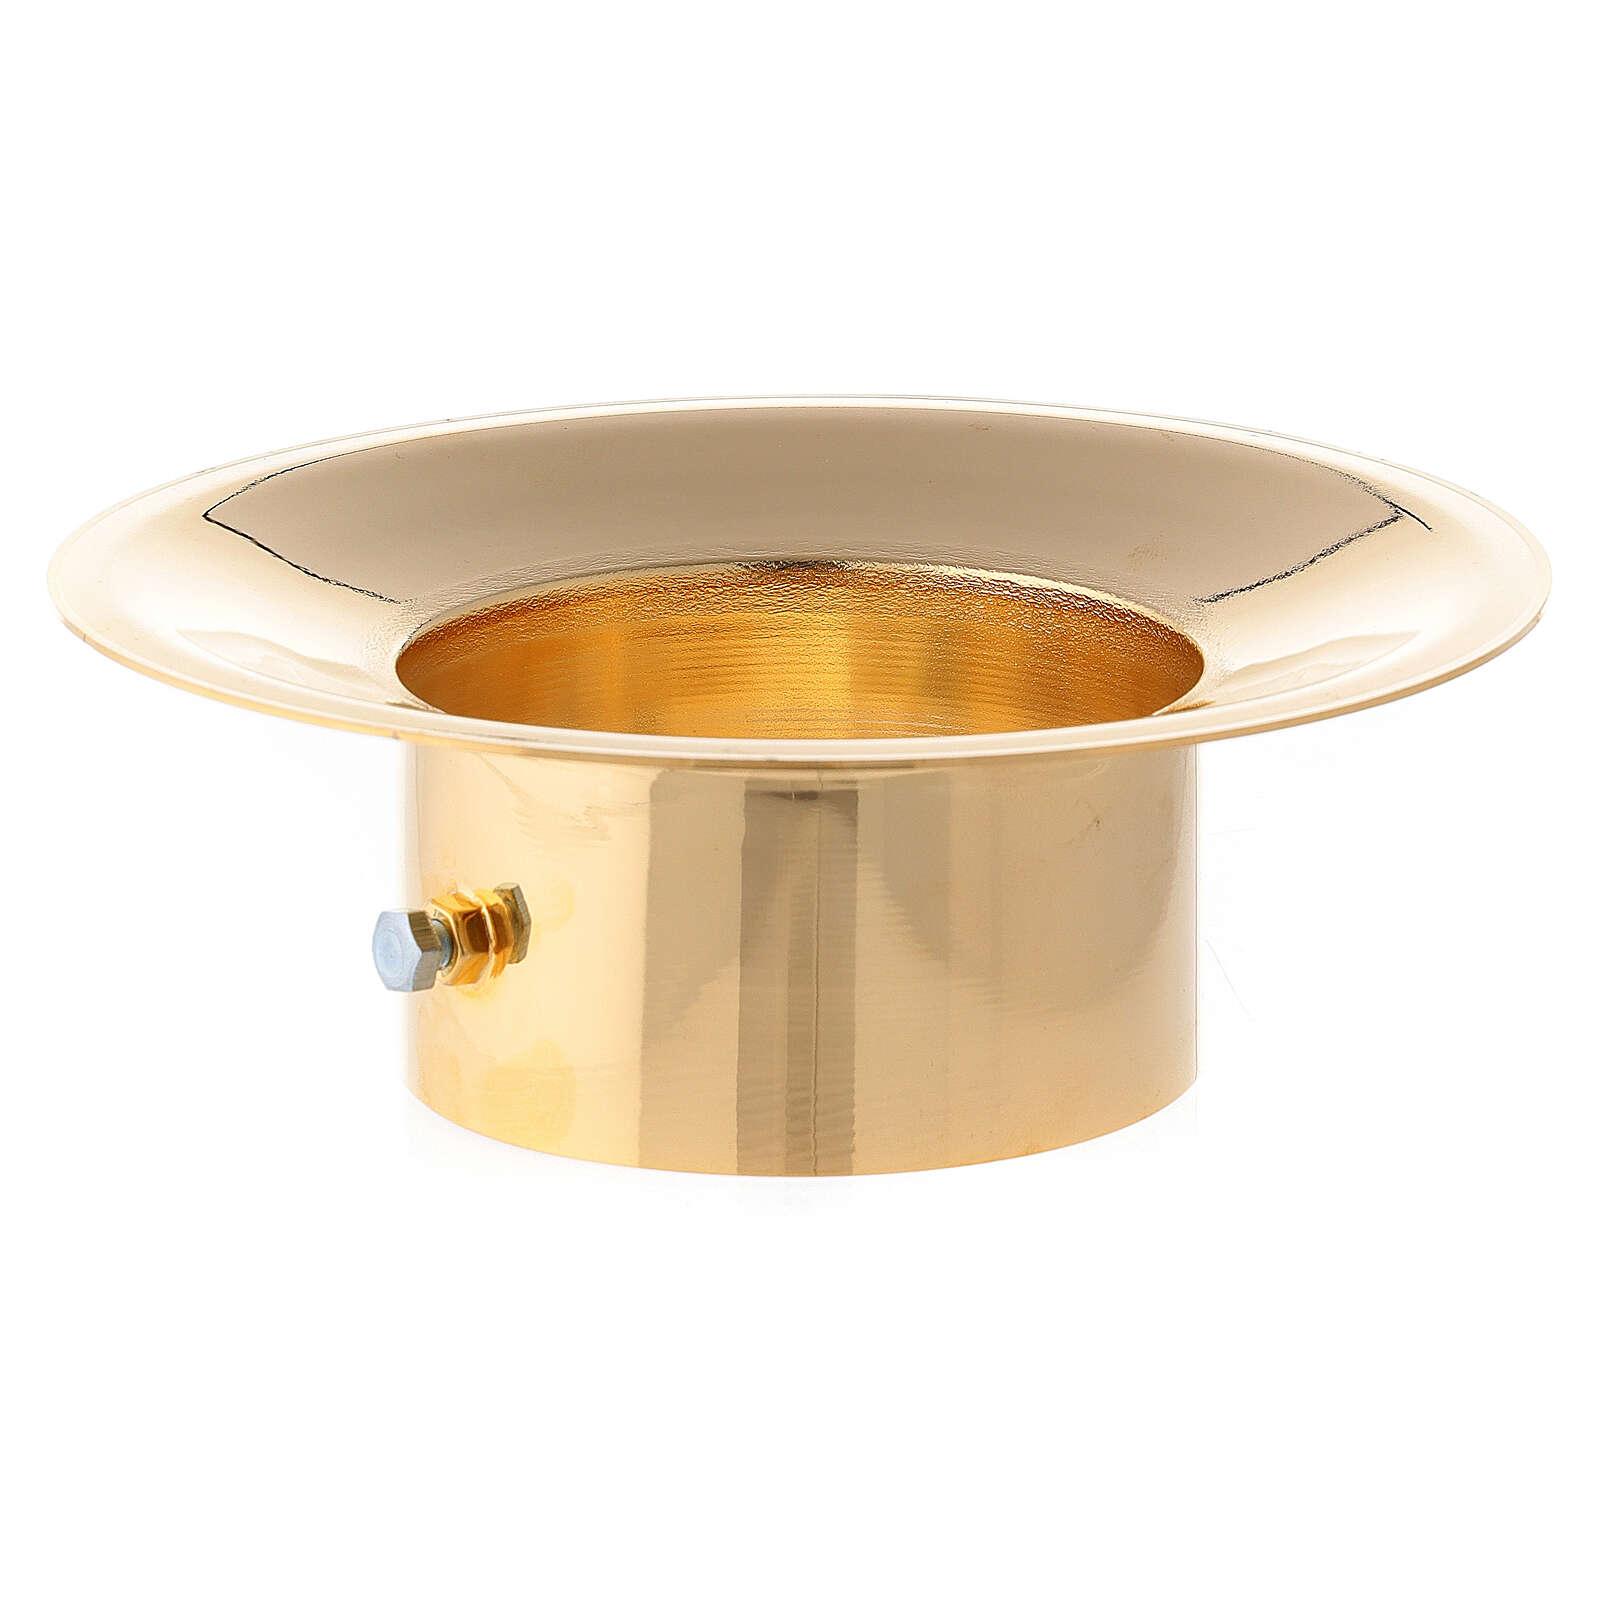 Bobèche en laiton brillant pour cierges diam. 8 cm 3